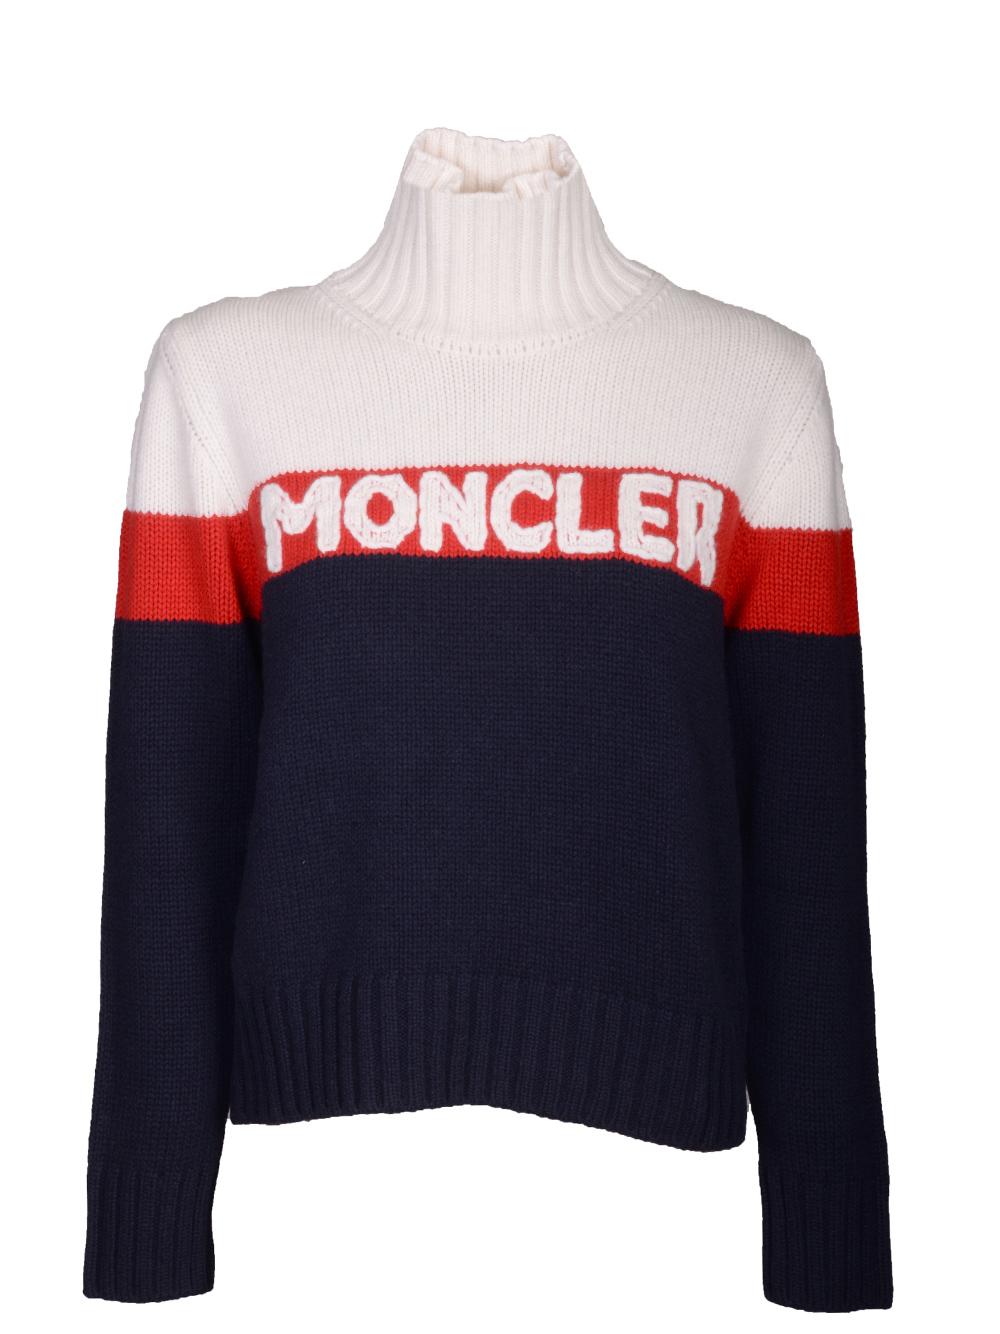 MONCLER Μπλούζα όρθιος γιακάς E2-093-9252550 A9141 ΜΠΛΕ-ΜΠΕΖ